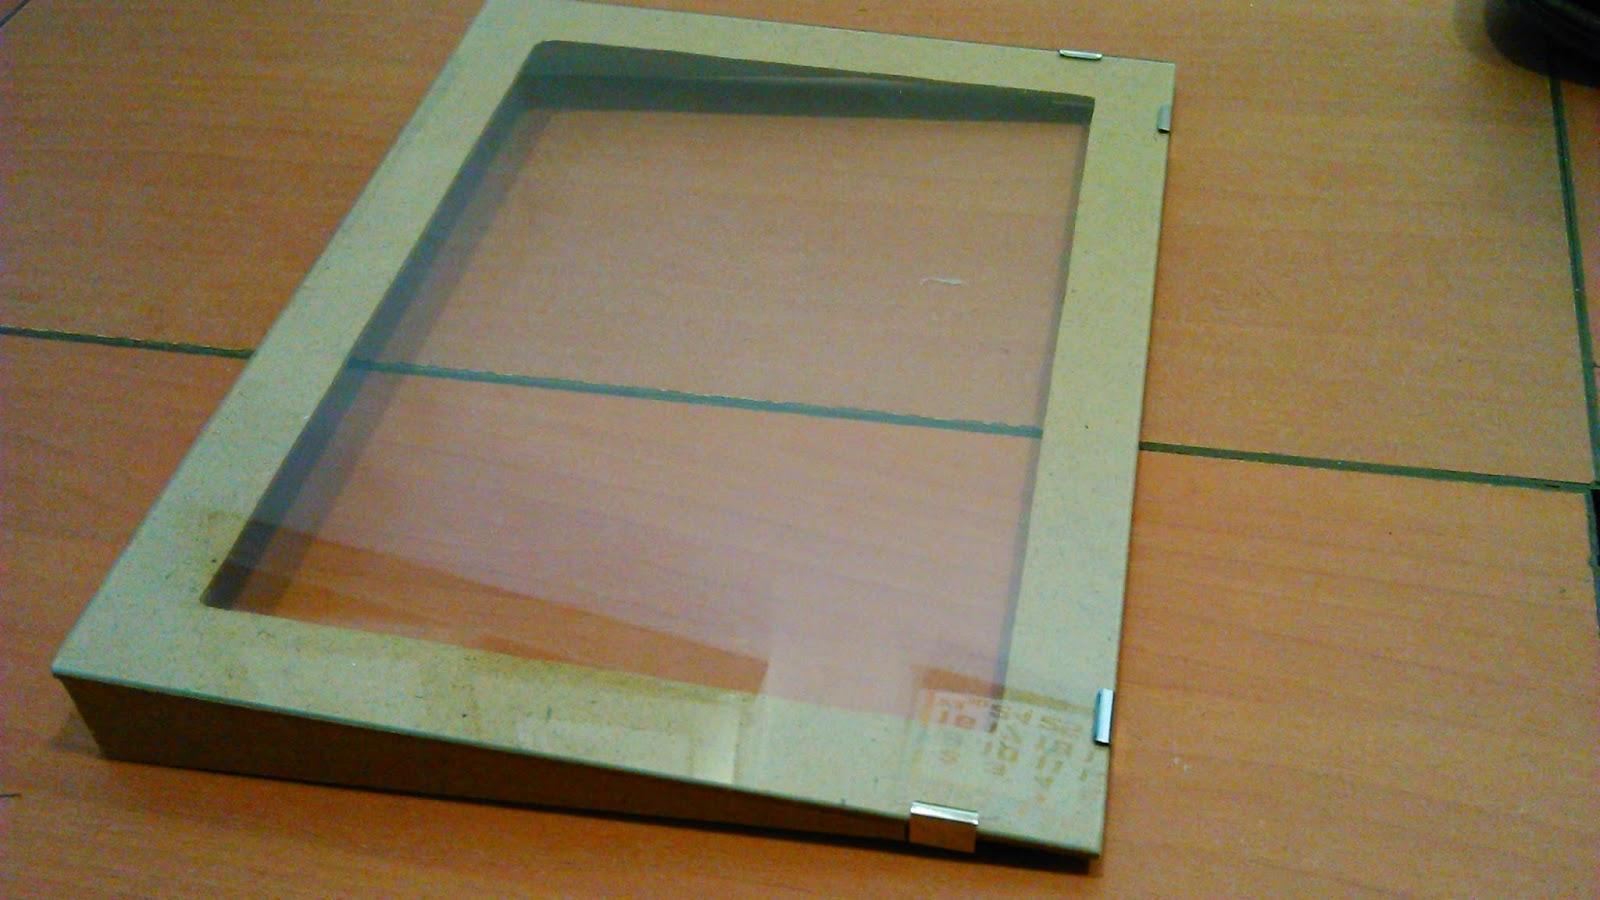 Tutorial como hacer una mesa de dibujo o mesa de calcar muy facil y barato frikearte - Mesa de calcar ikea ...